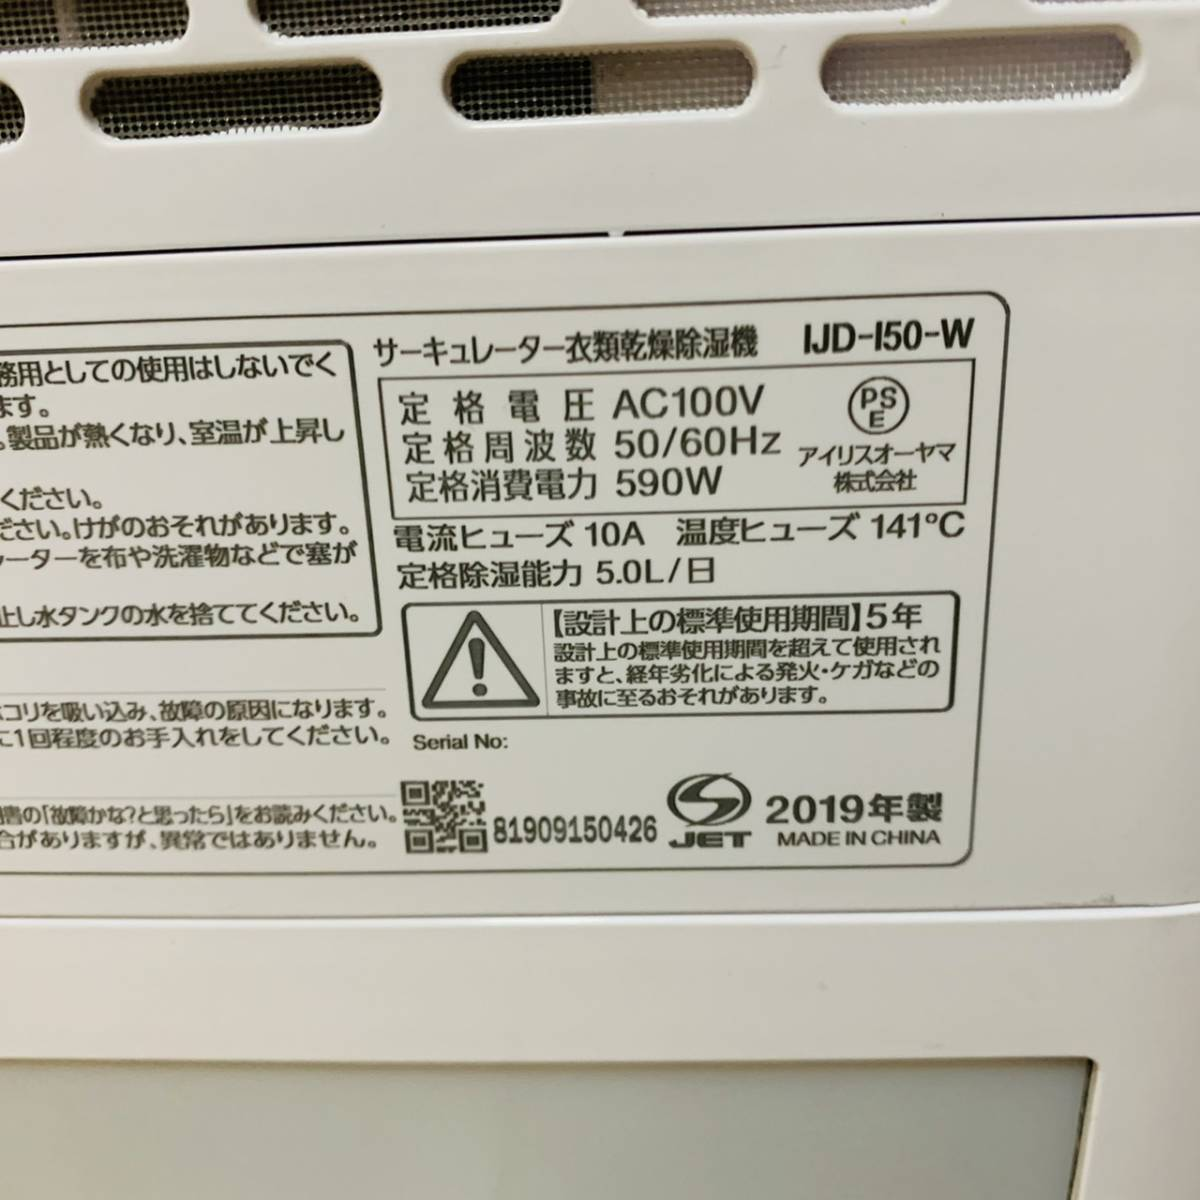 美品! アイリスオーヤマ IJD-I50 衣類乾燥除湿機 スピード乾燥 サーキュレーター機能付 デシカント式 ホワイト 扇風機 衣類乾燥機 送風_画像8